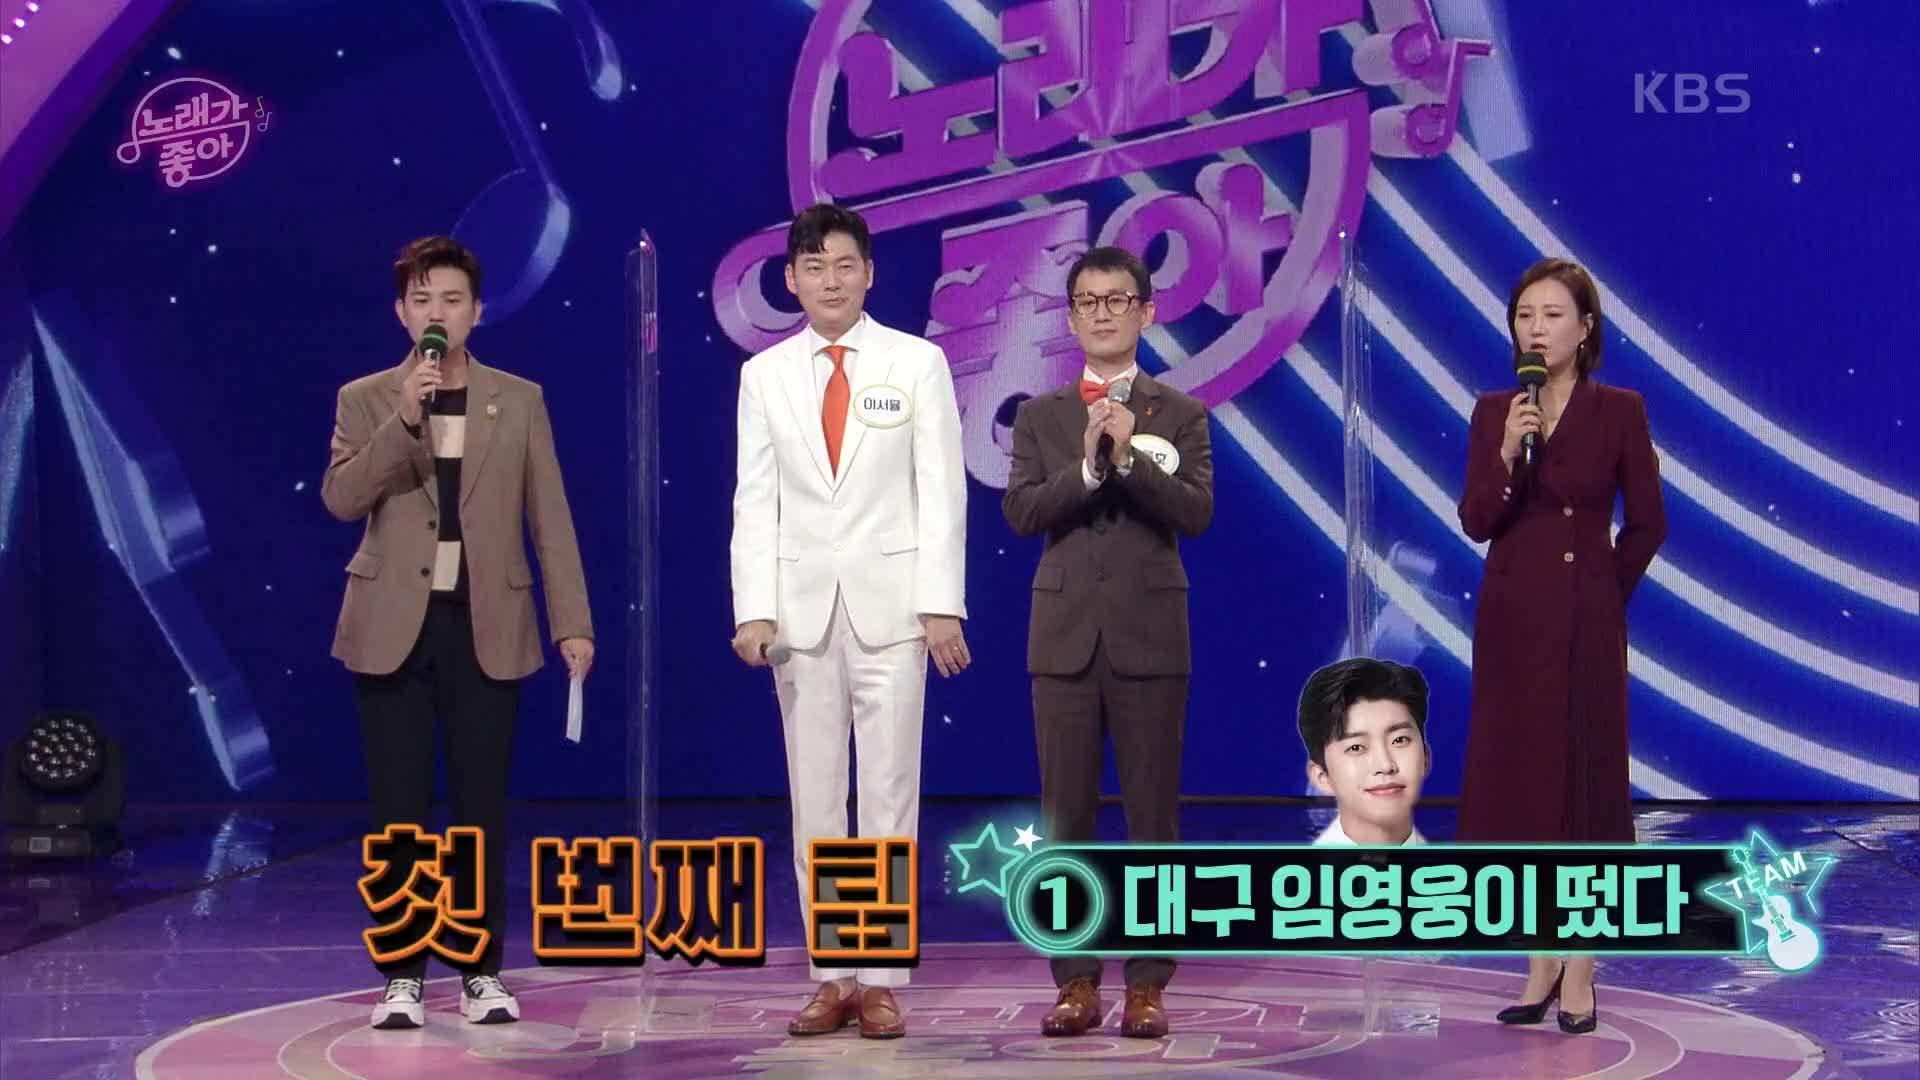 첫 번째 팀 - 대구 임영웅이 떴다 1 | KBS 211019 방송